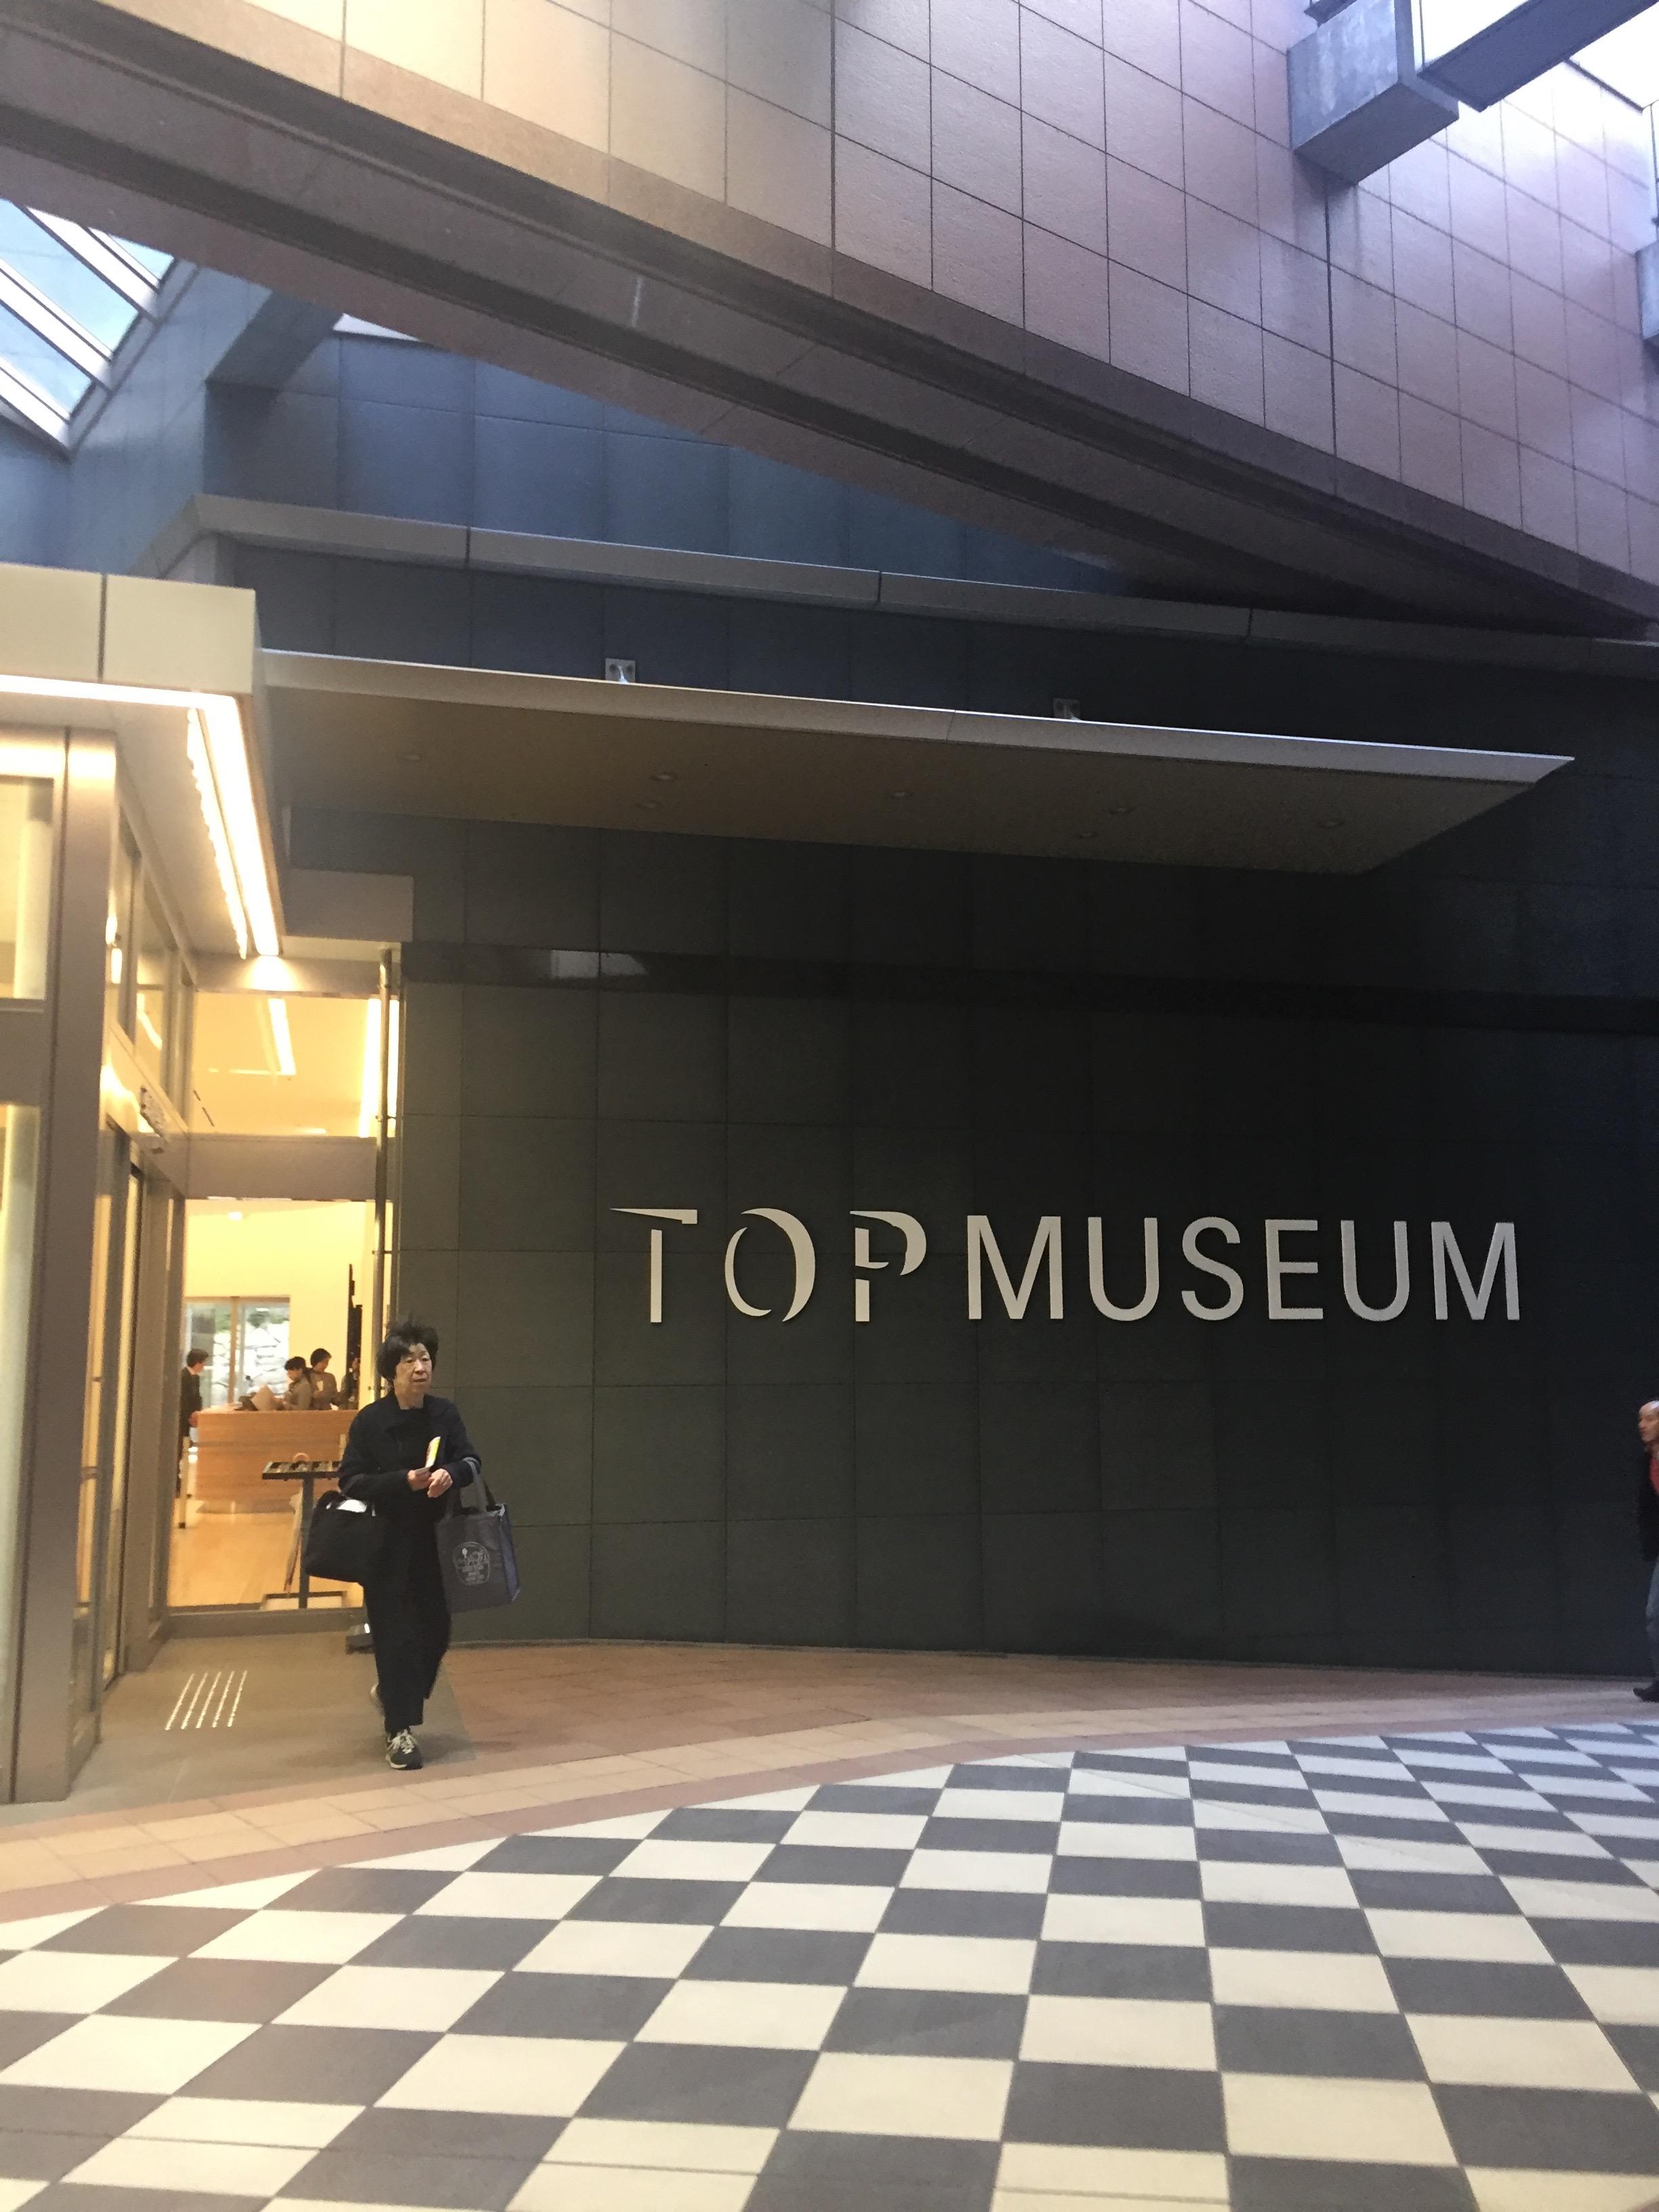 TOP Museum Entrance